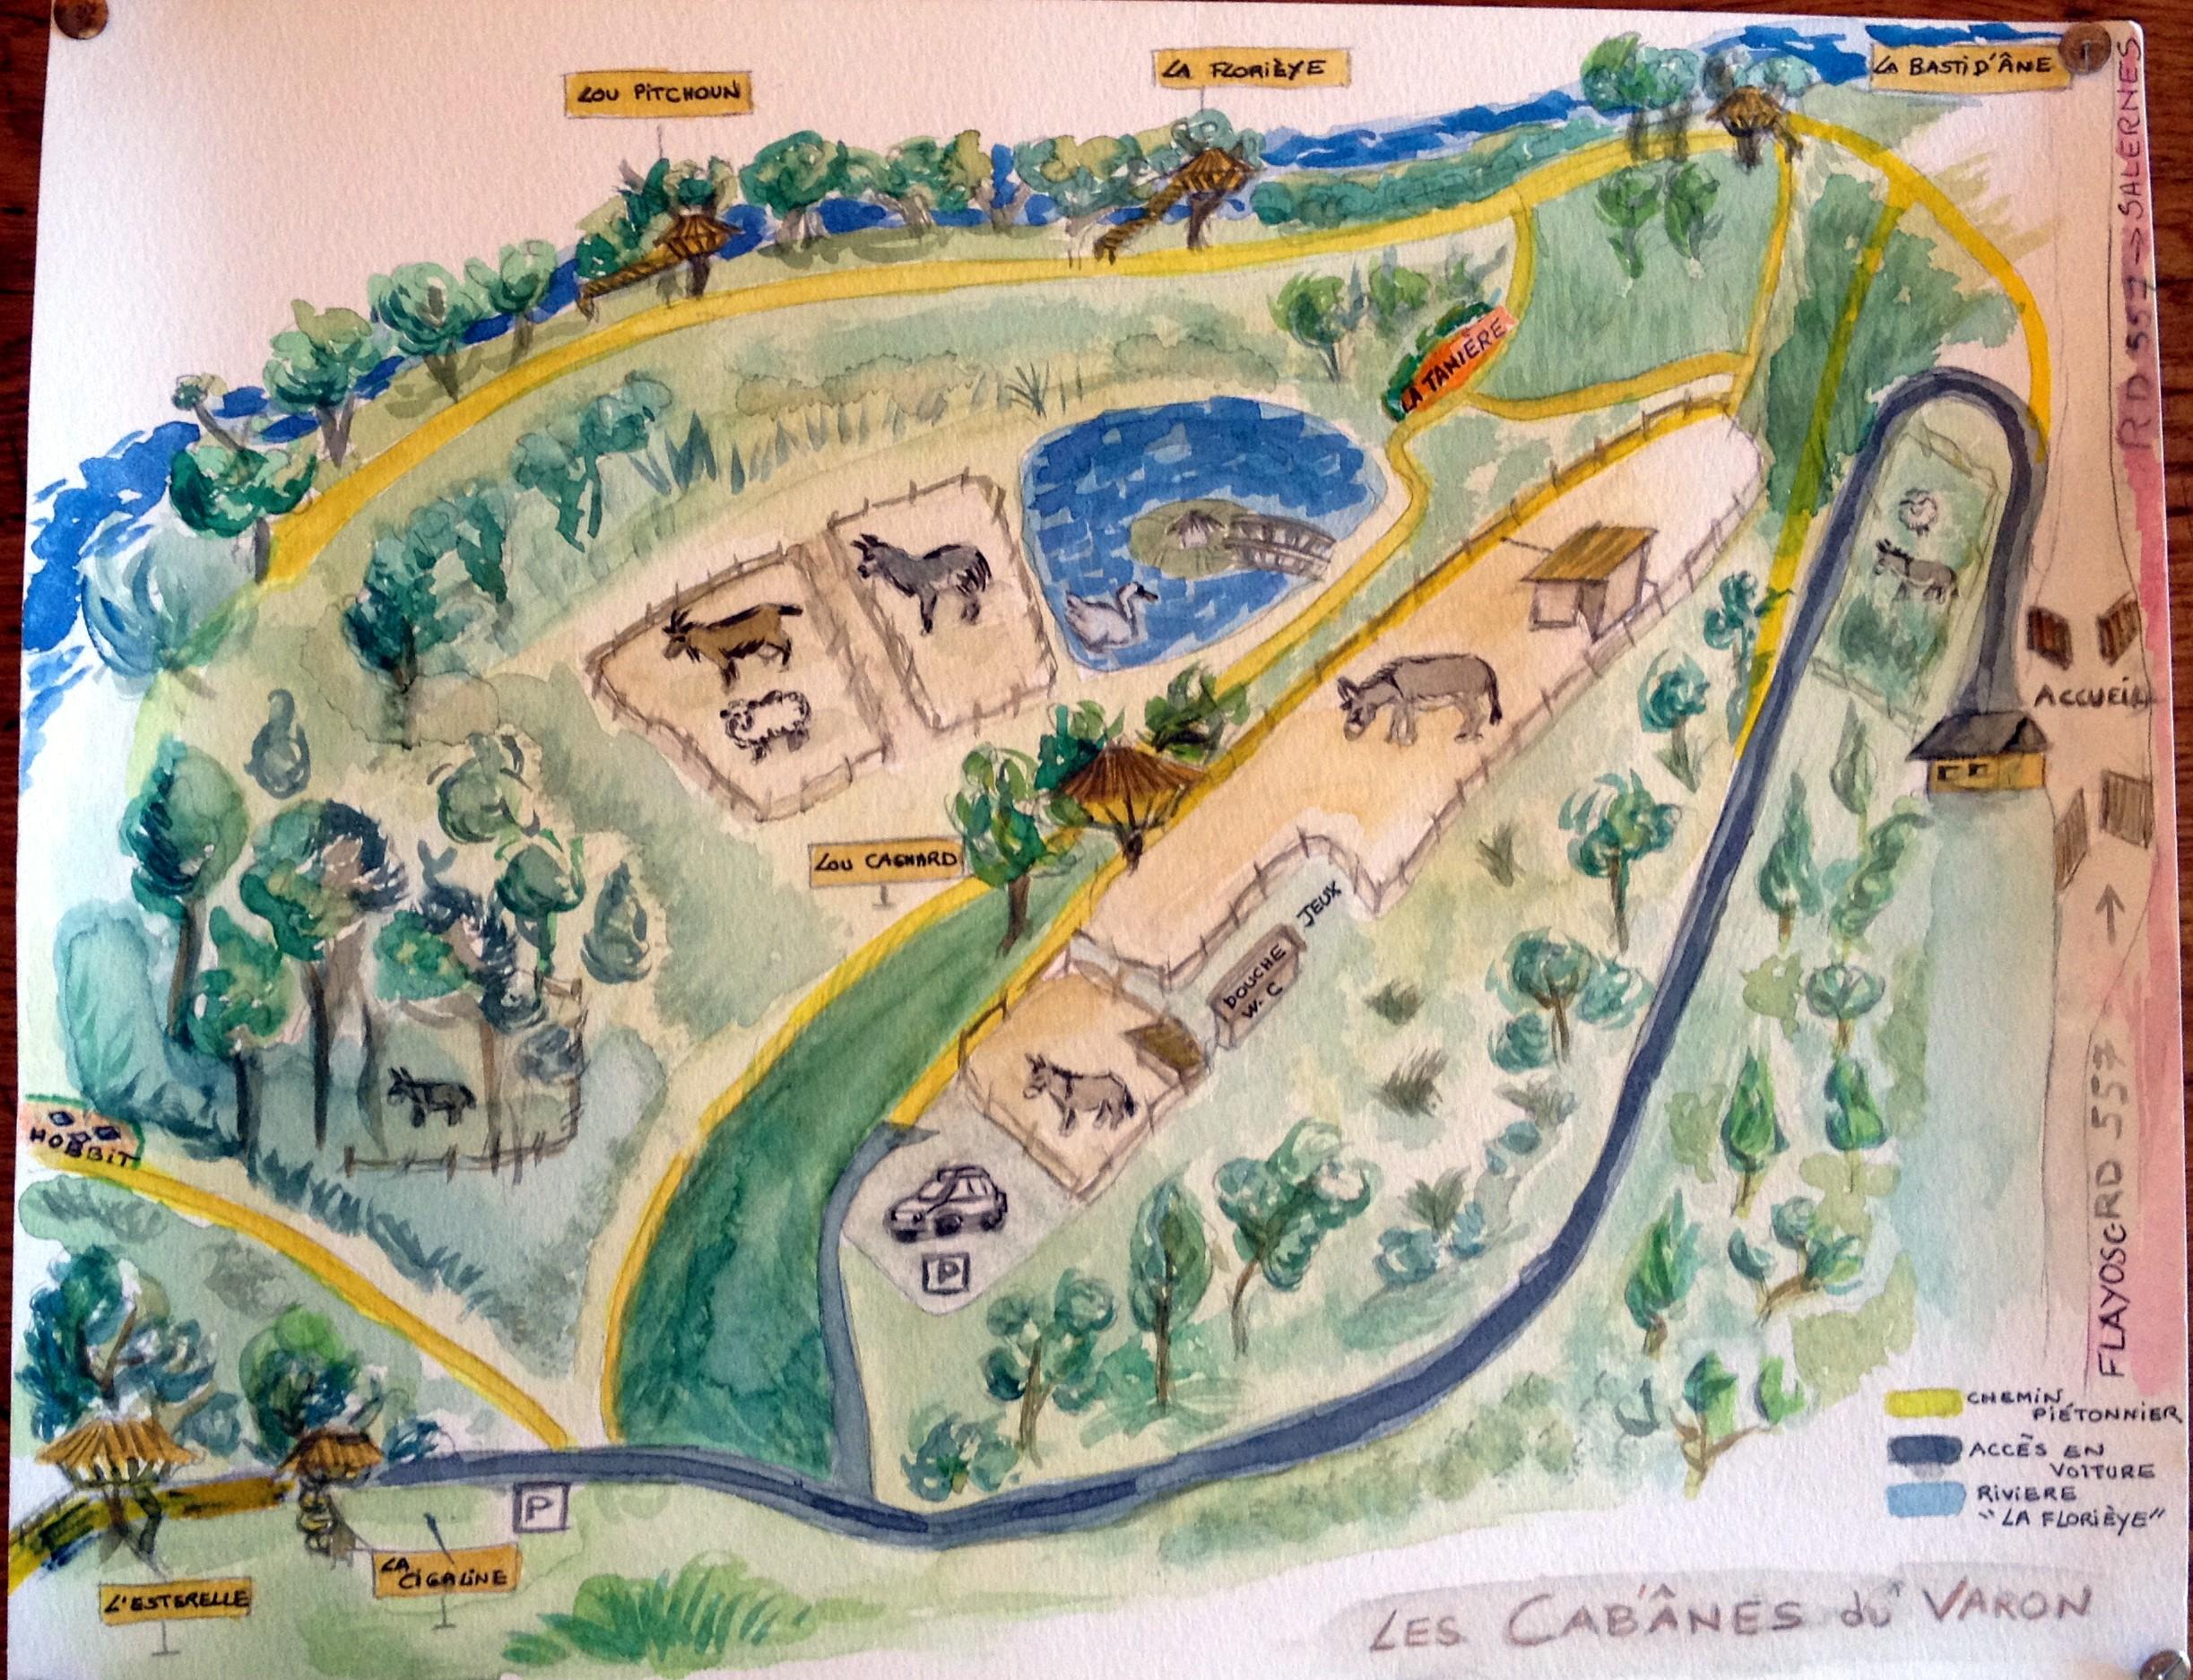 Plan-du-domaine-des-cabanes-du-Varon-Flayosc